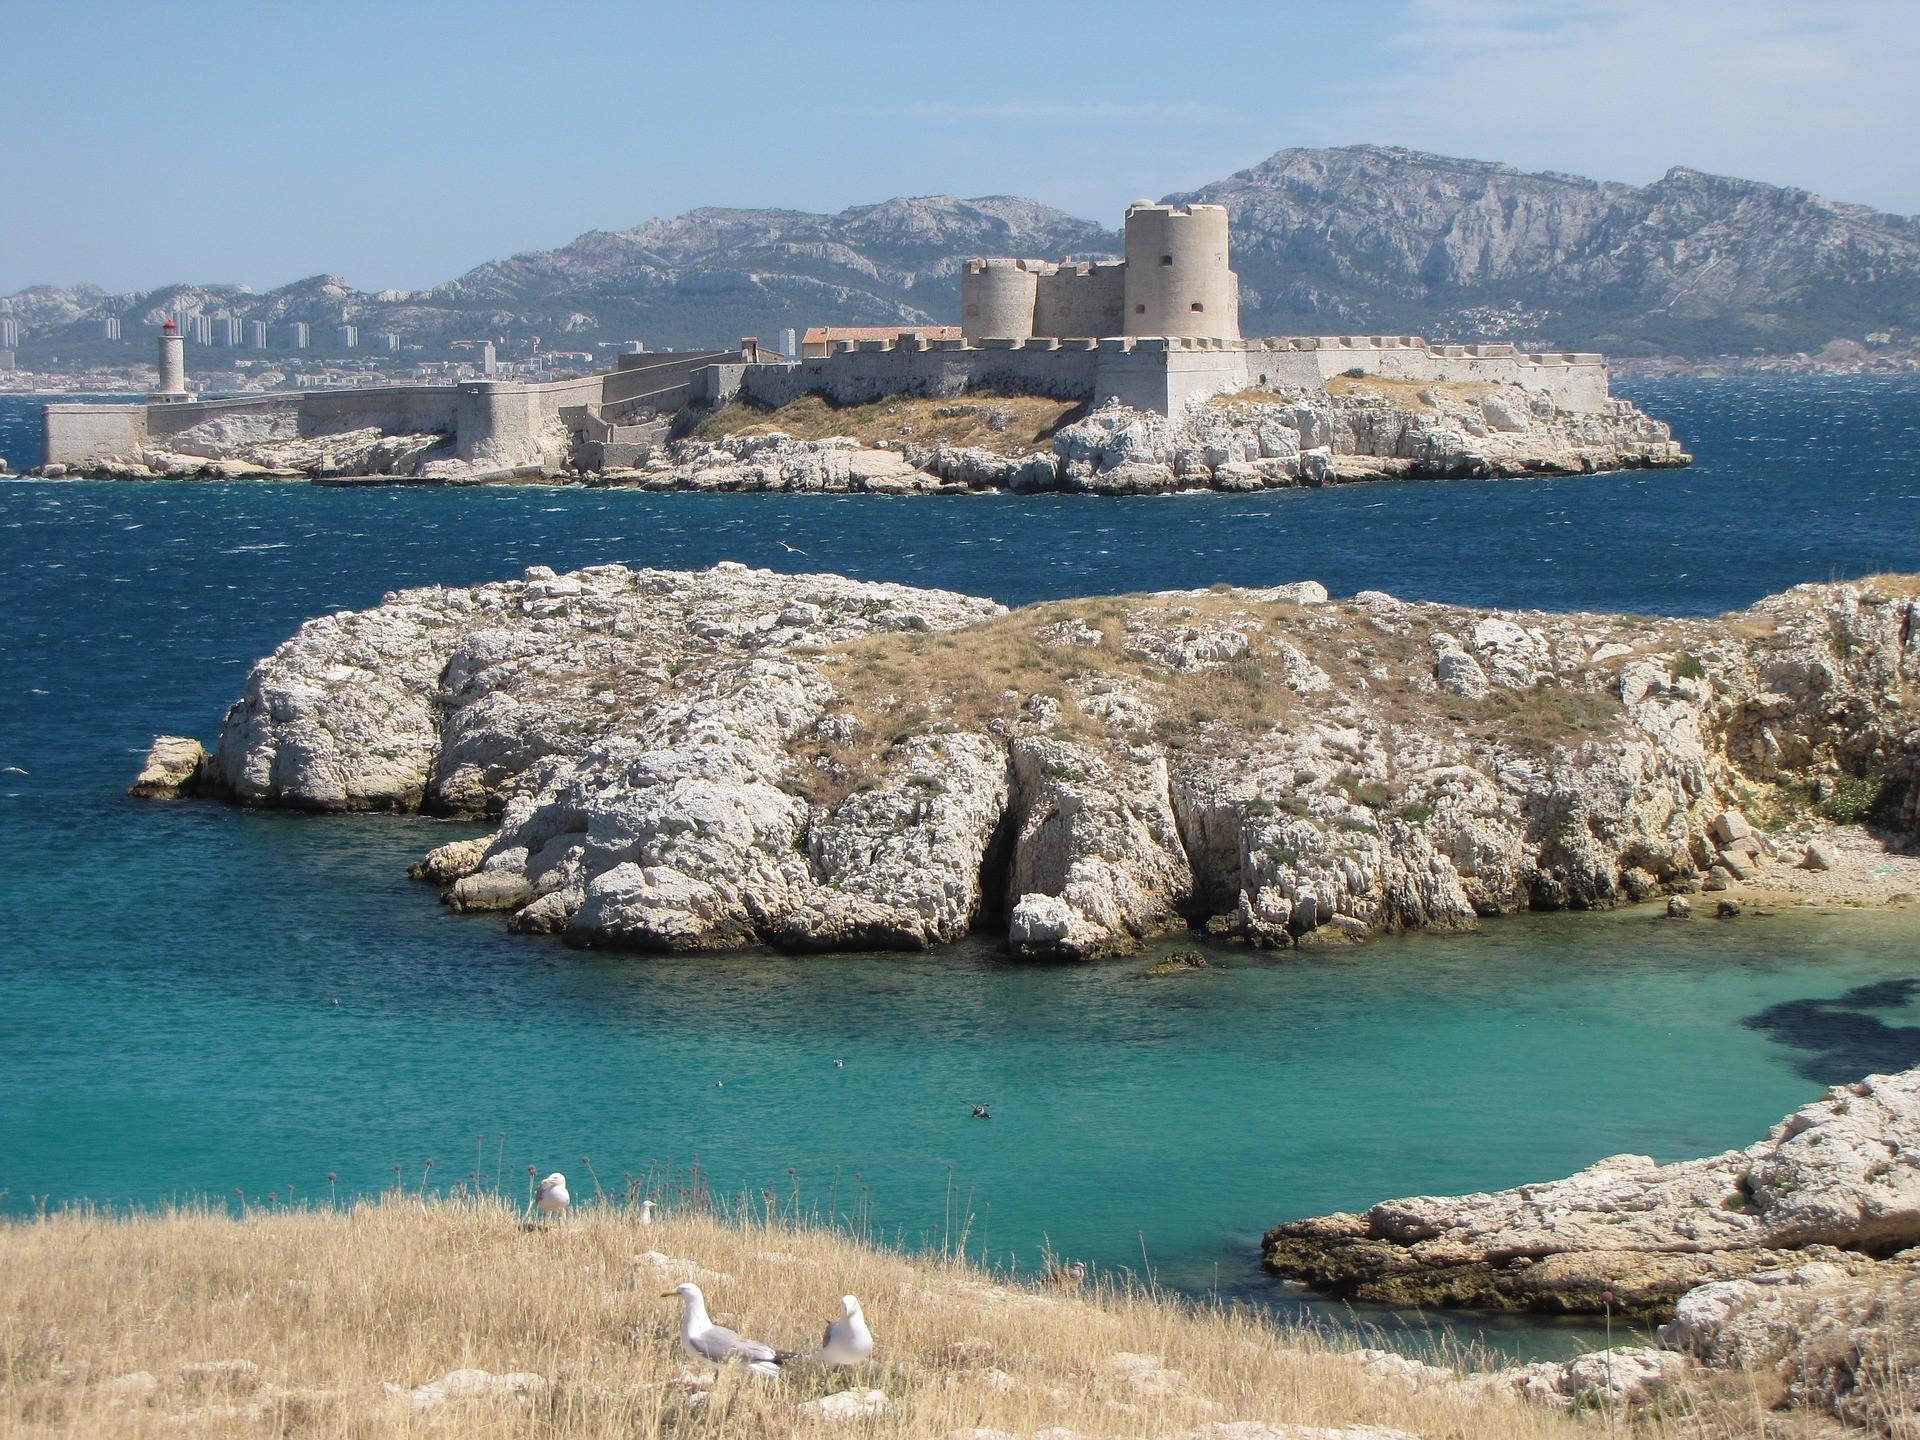 Balader aux îles du Frioul à Marseille ce week end